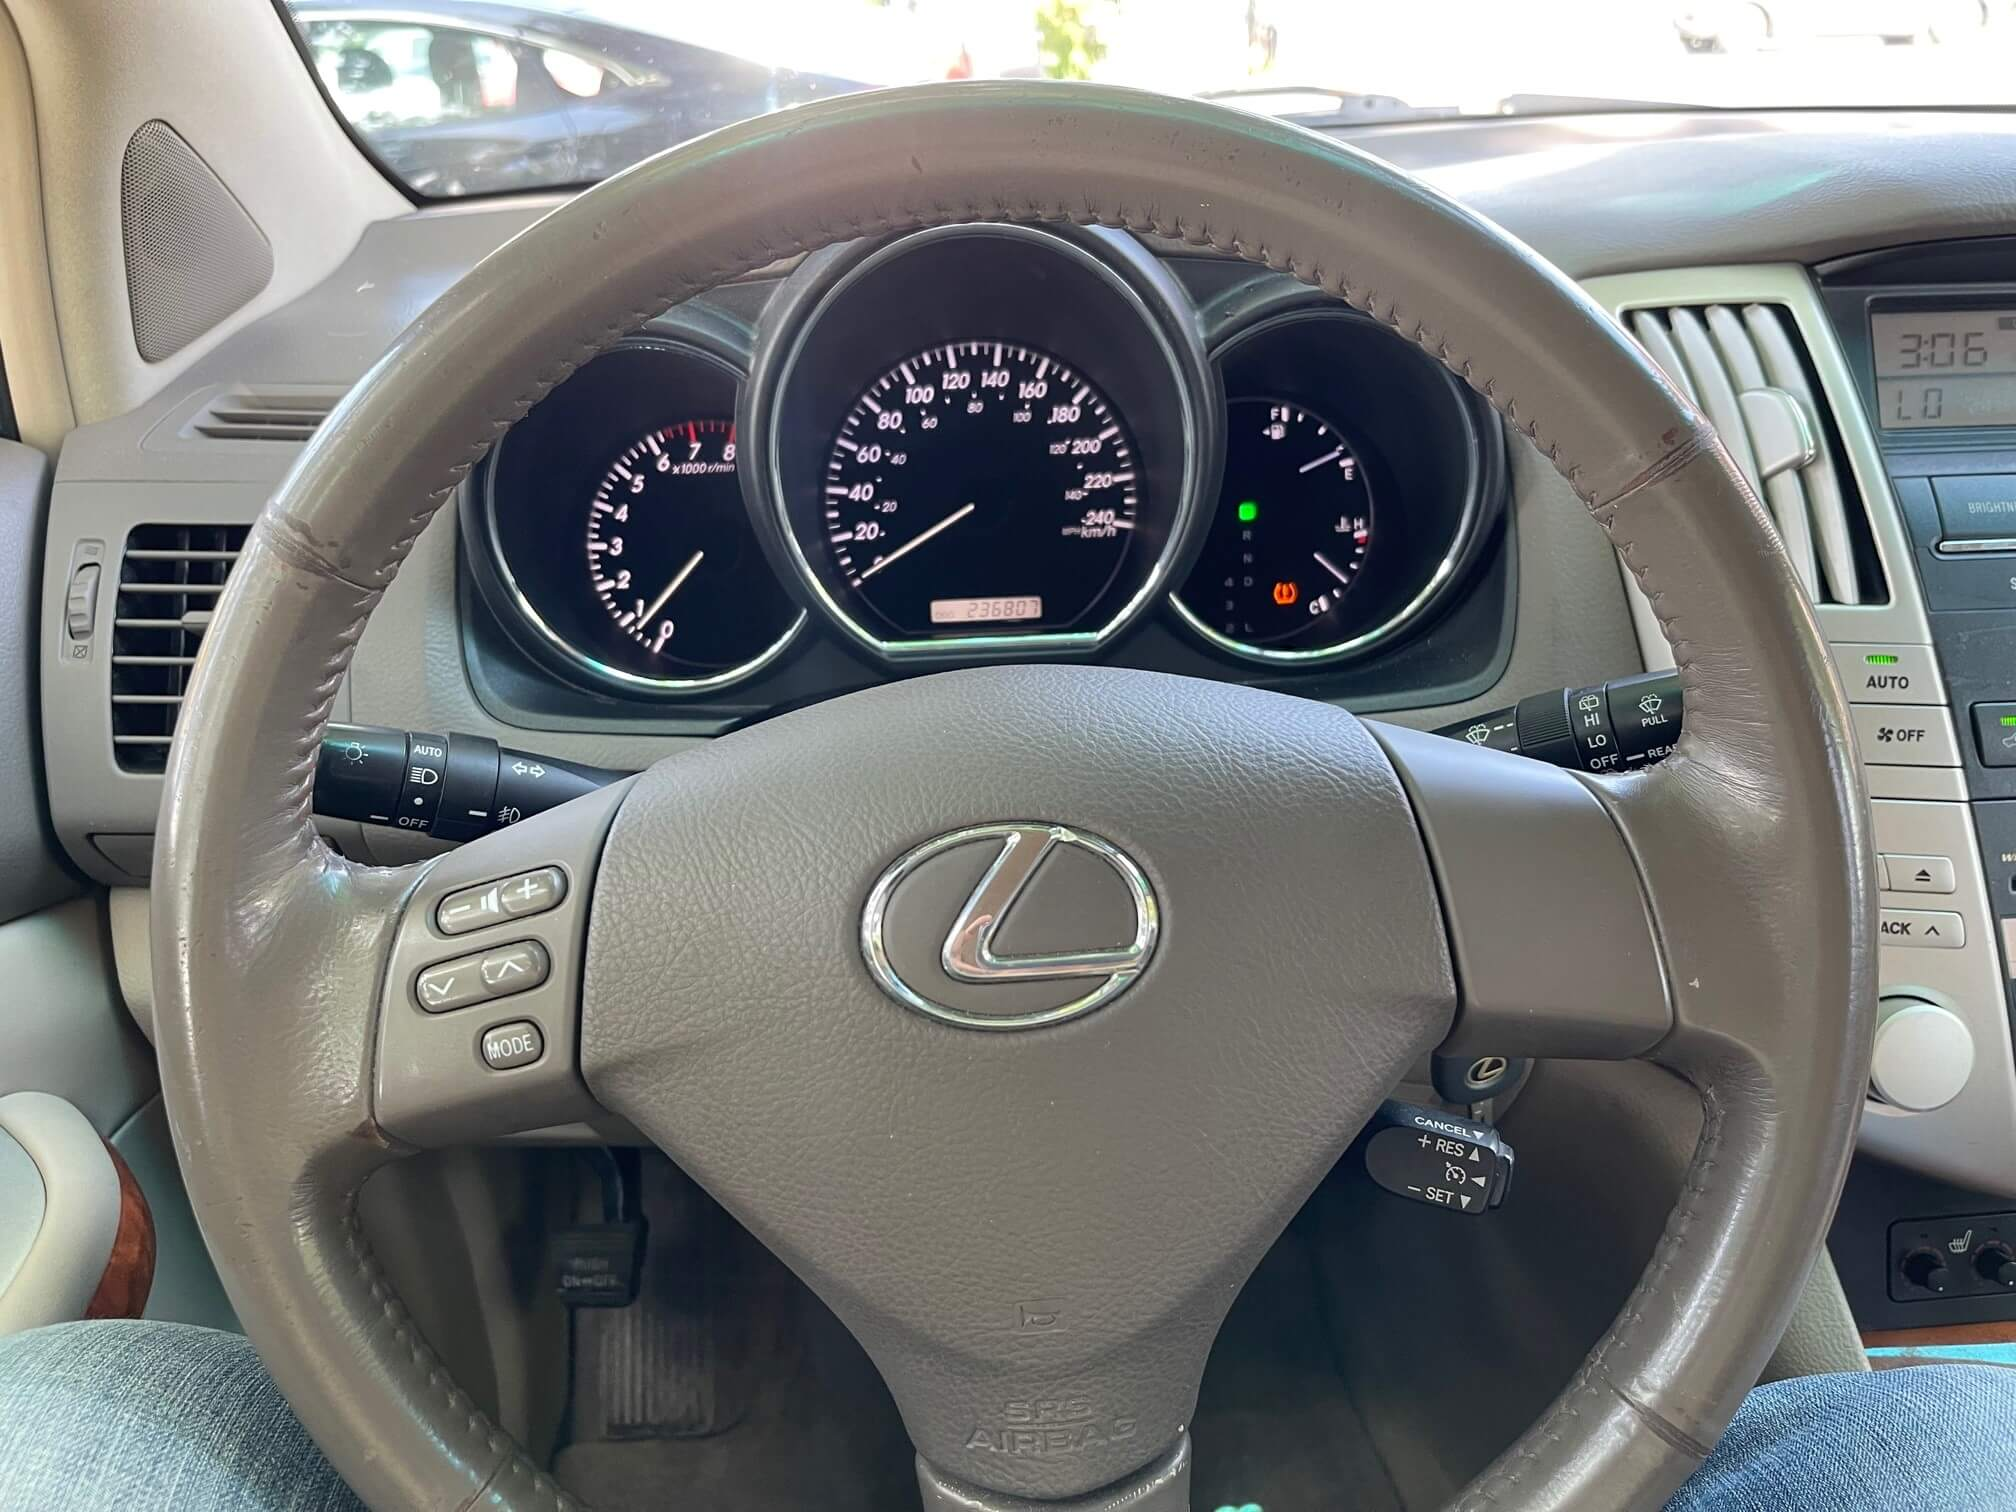 2008 Lexus RX 350 complet